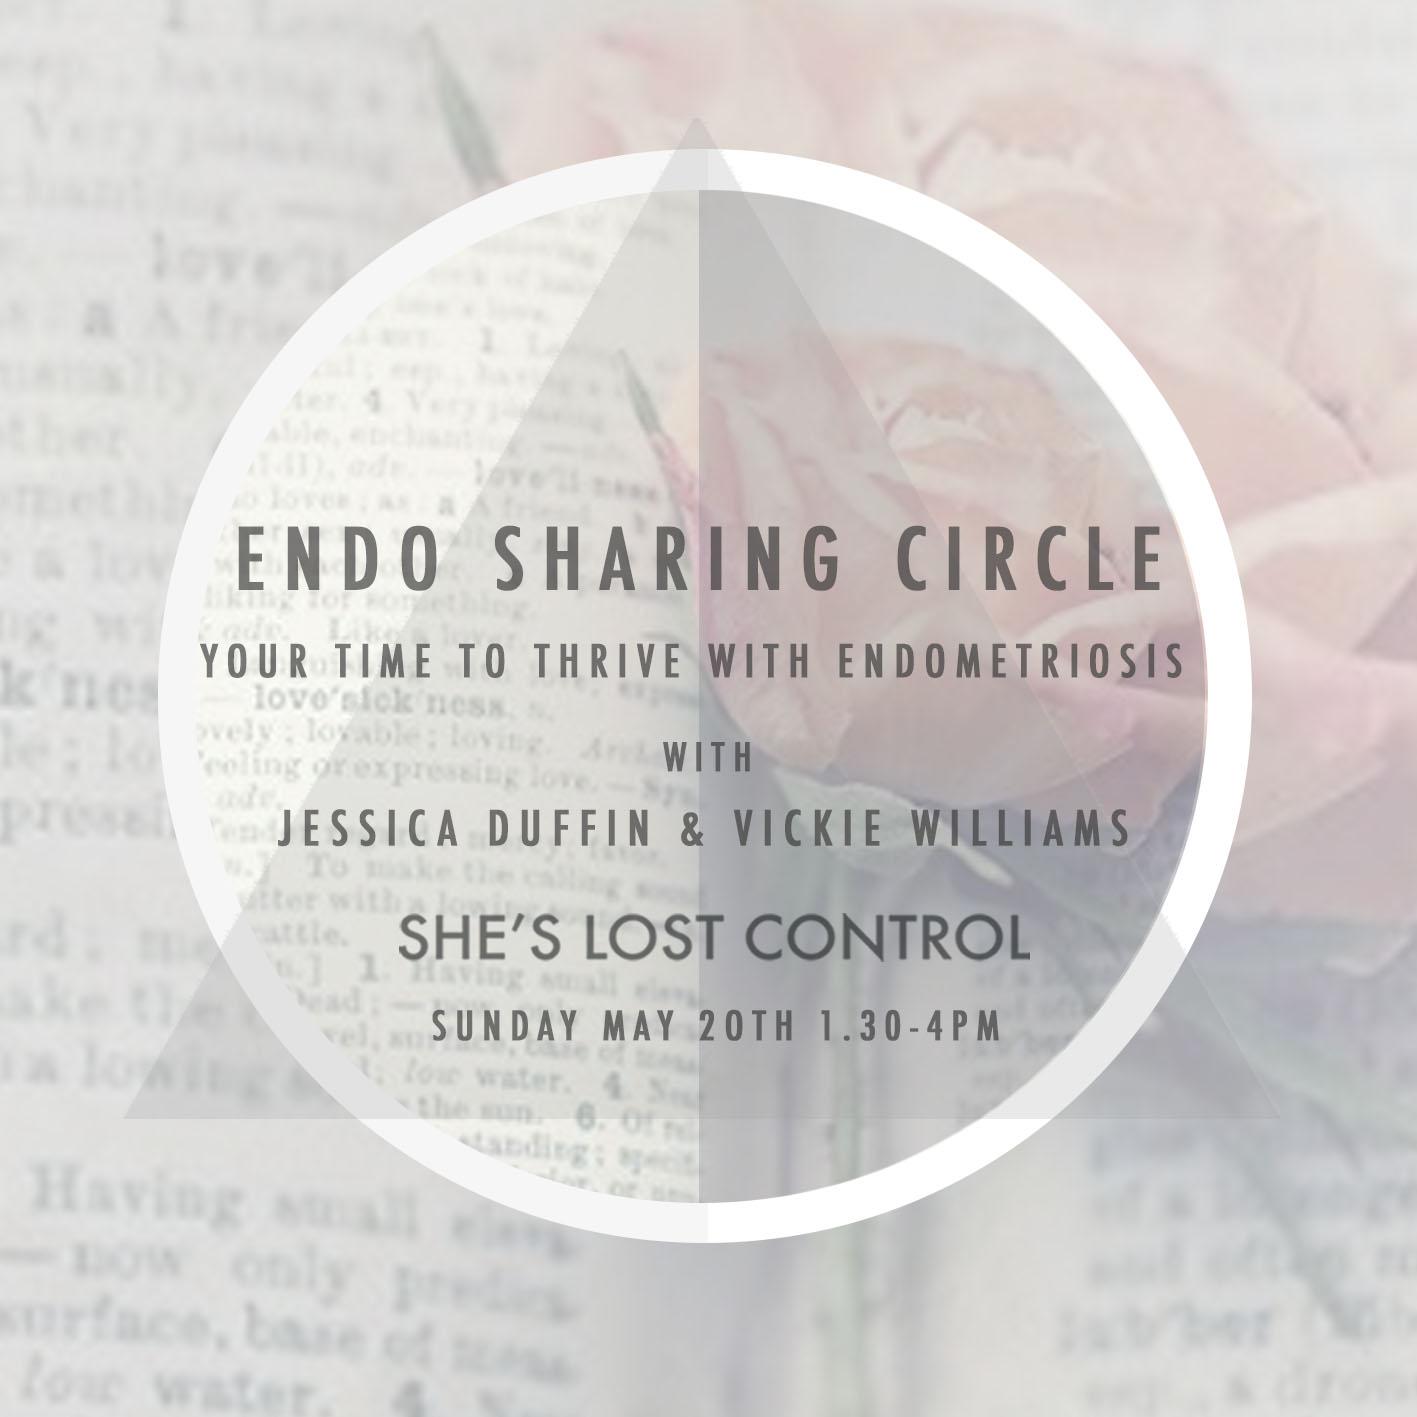 Endo Sharing Circle 20 may.jpg